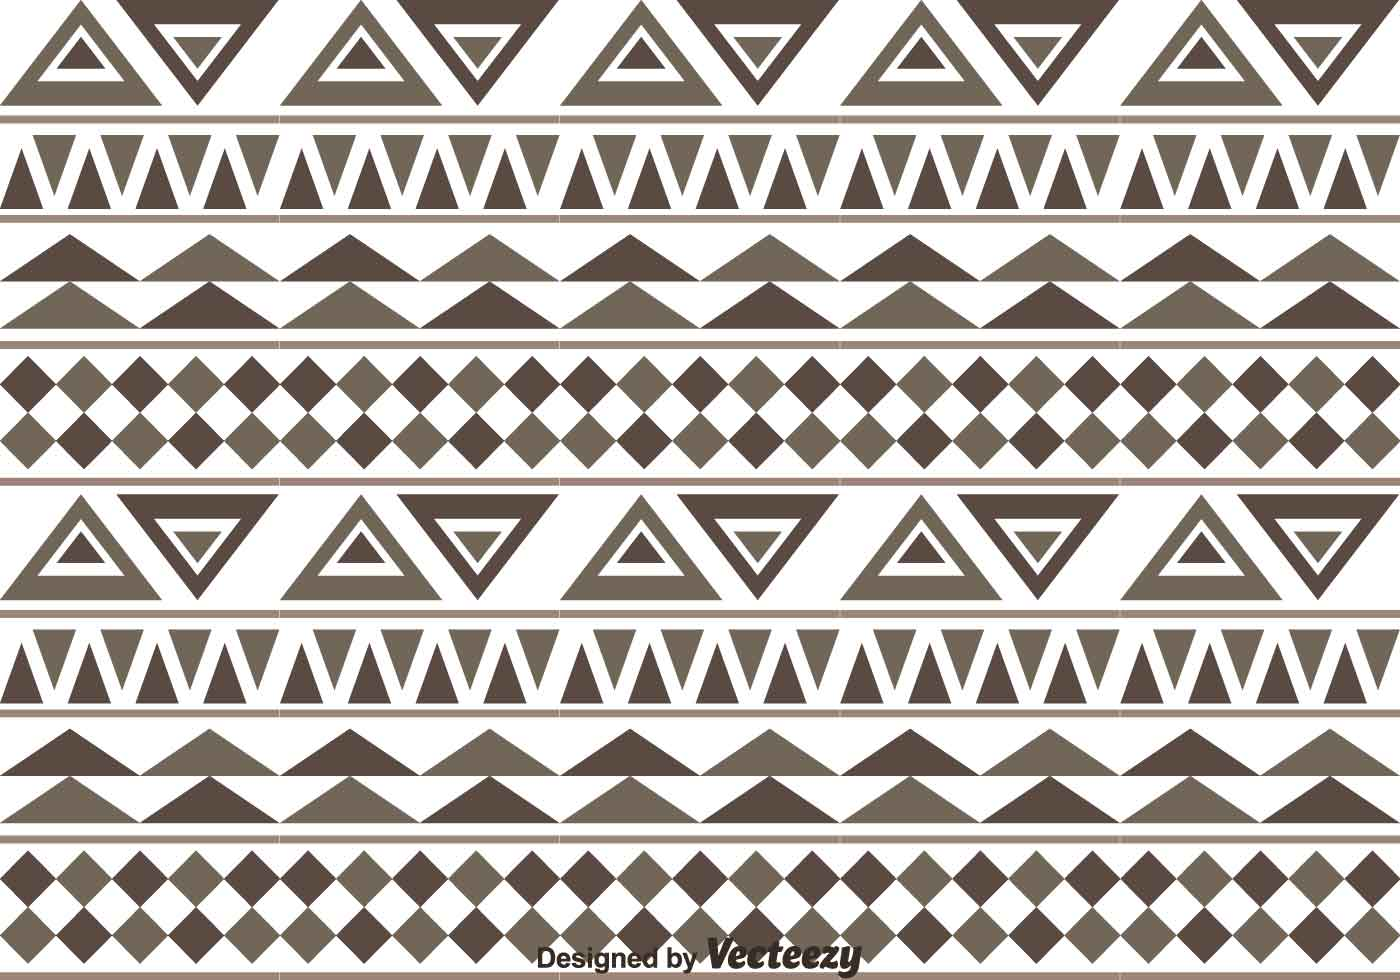 Aztec Pattern Vector - Download Free Vector Art, Stock ...